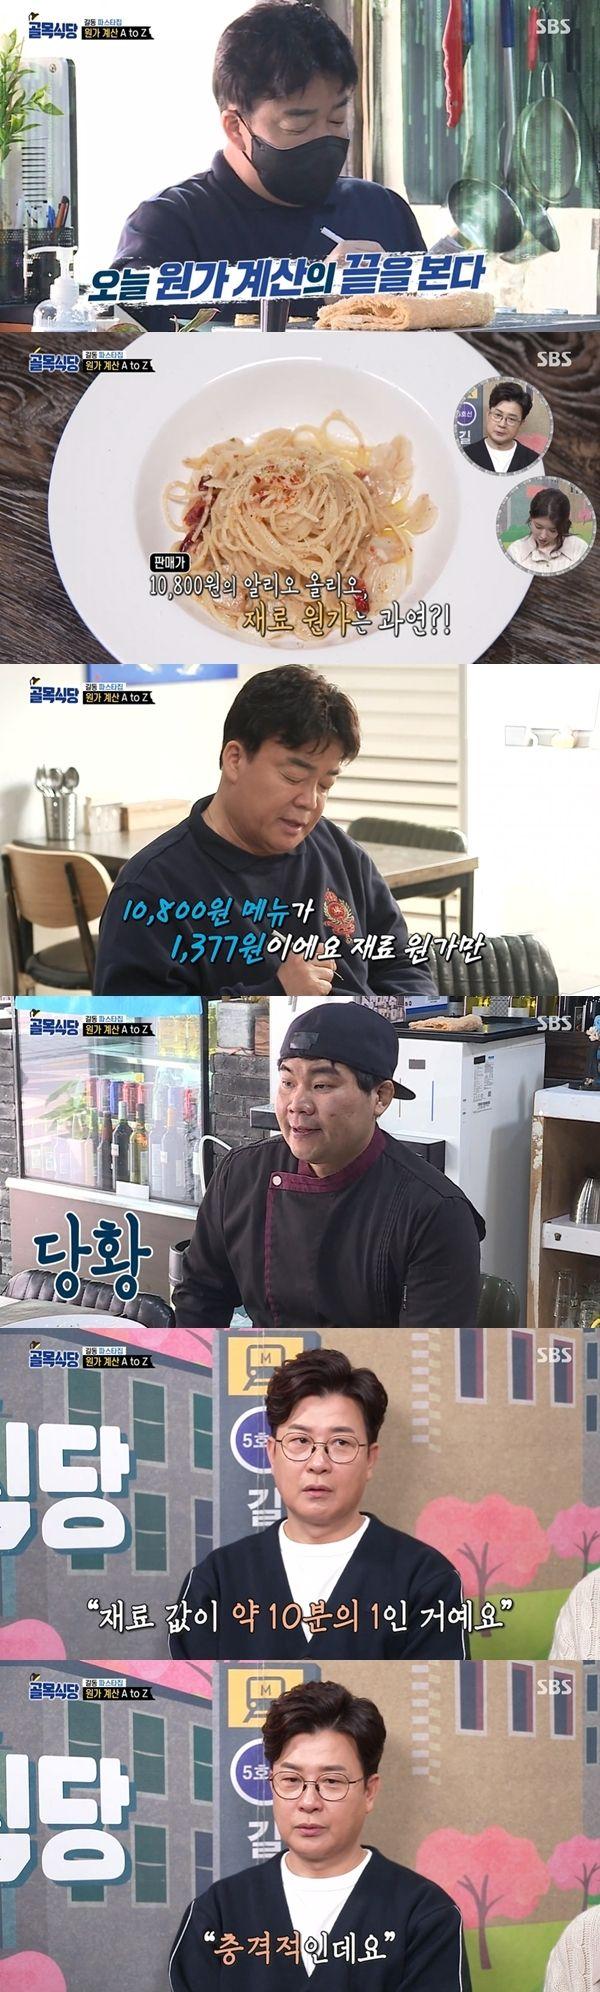 SBS '골목식당' 영상